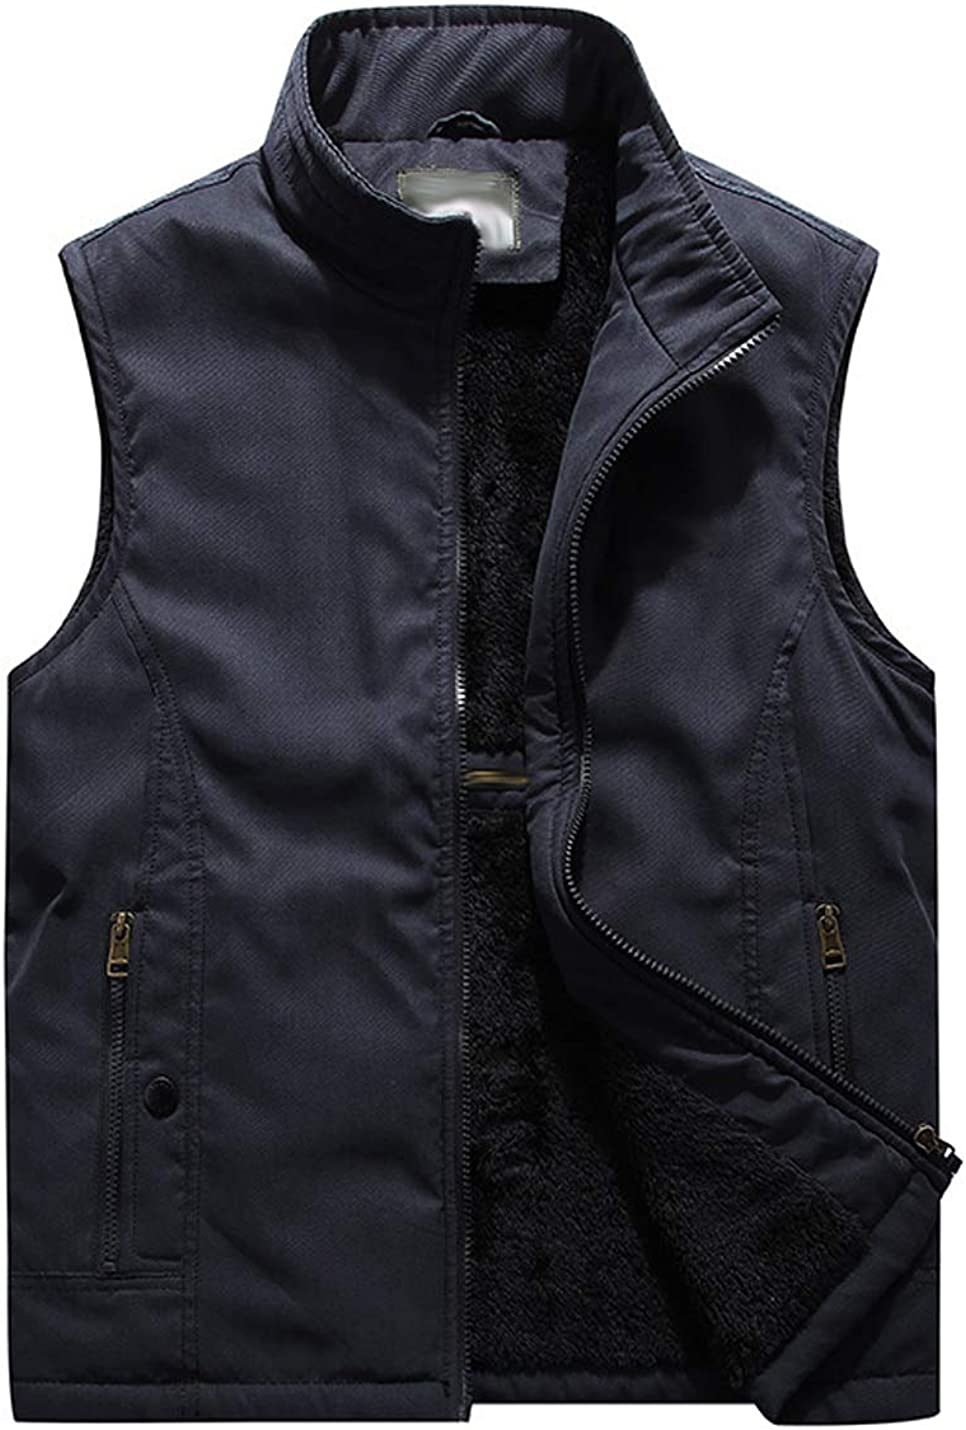 Hongsui Men's Winter Stand-collar Fleece Outdoor Vest Multi-pocket Warm Jacket